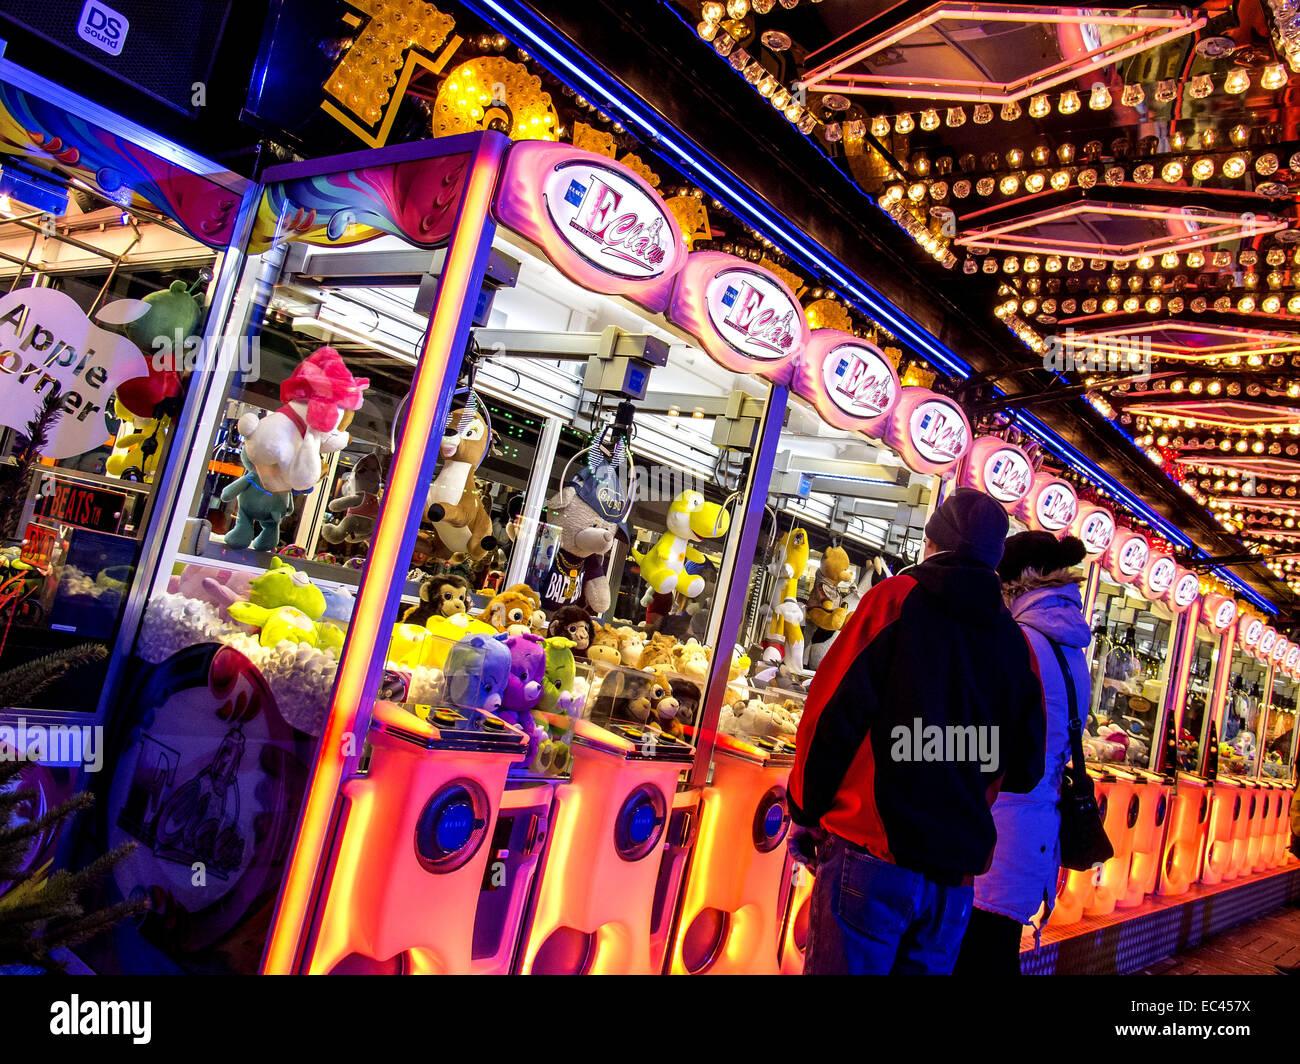 rummel at night - Stock Image